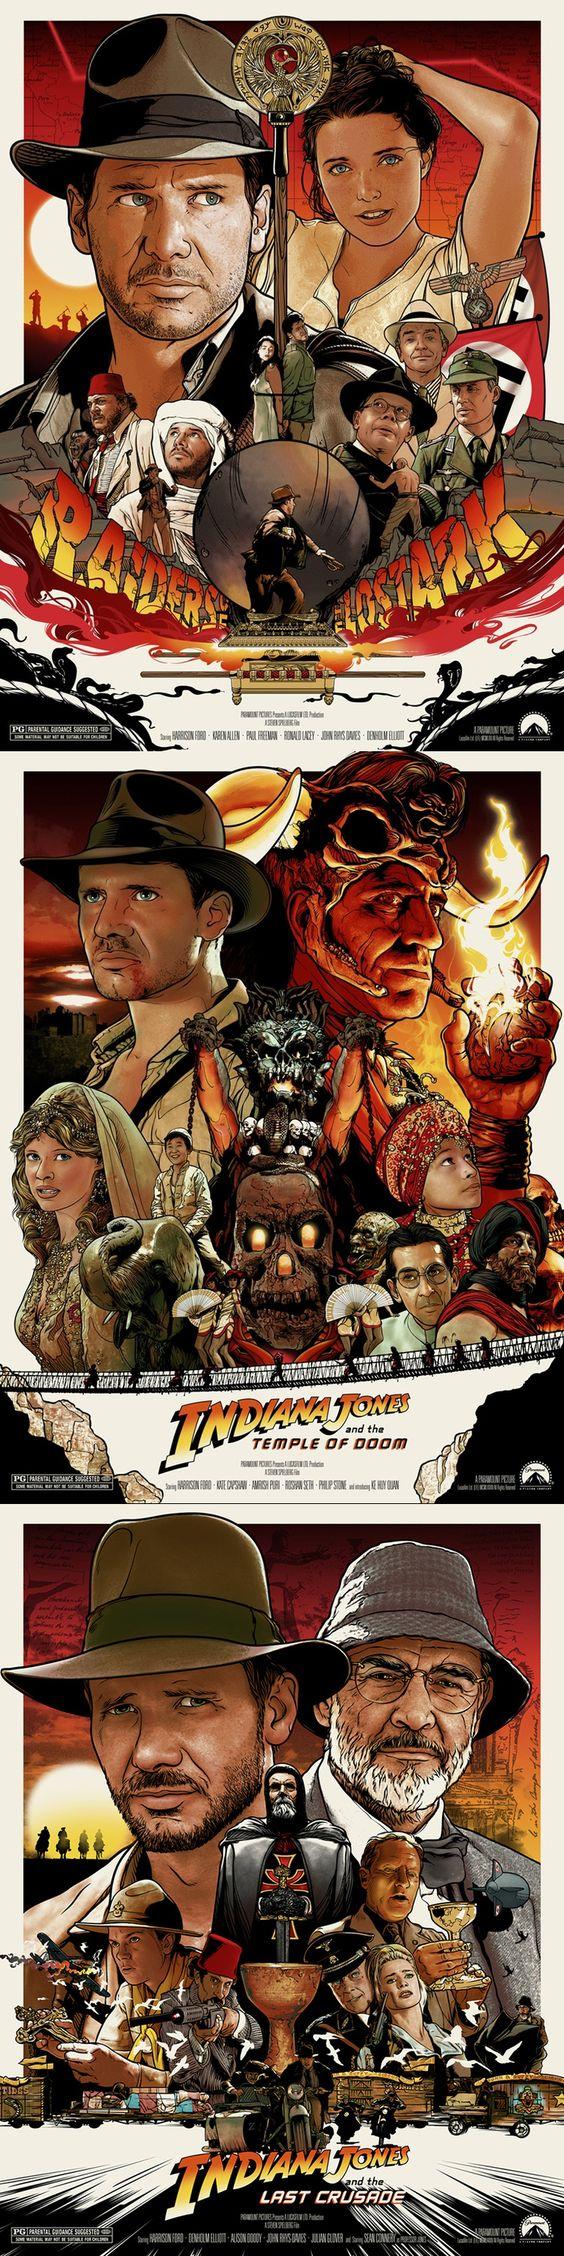 Indiana Jones Series by Joshua Budich